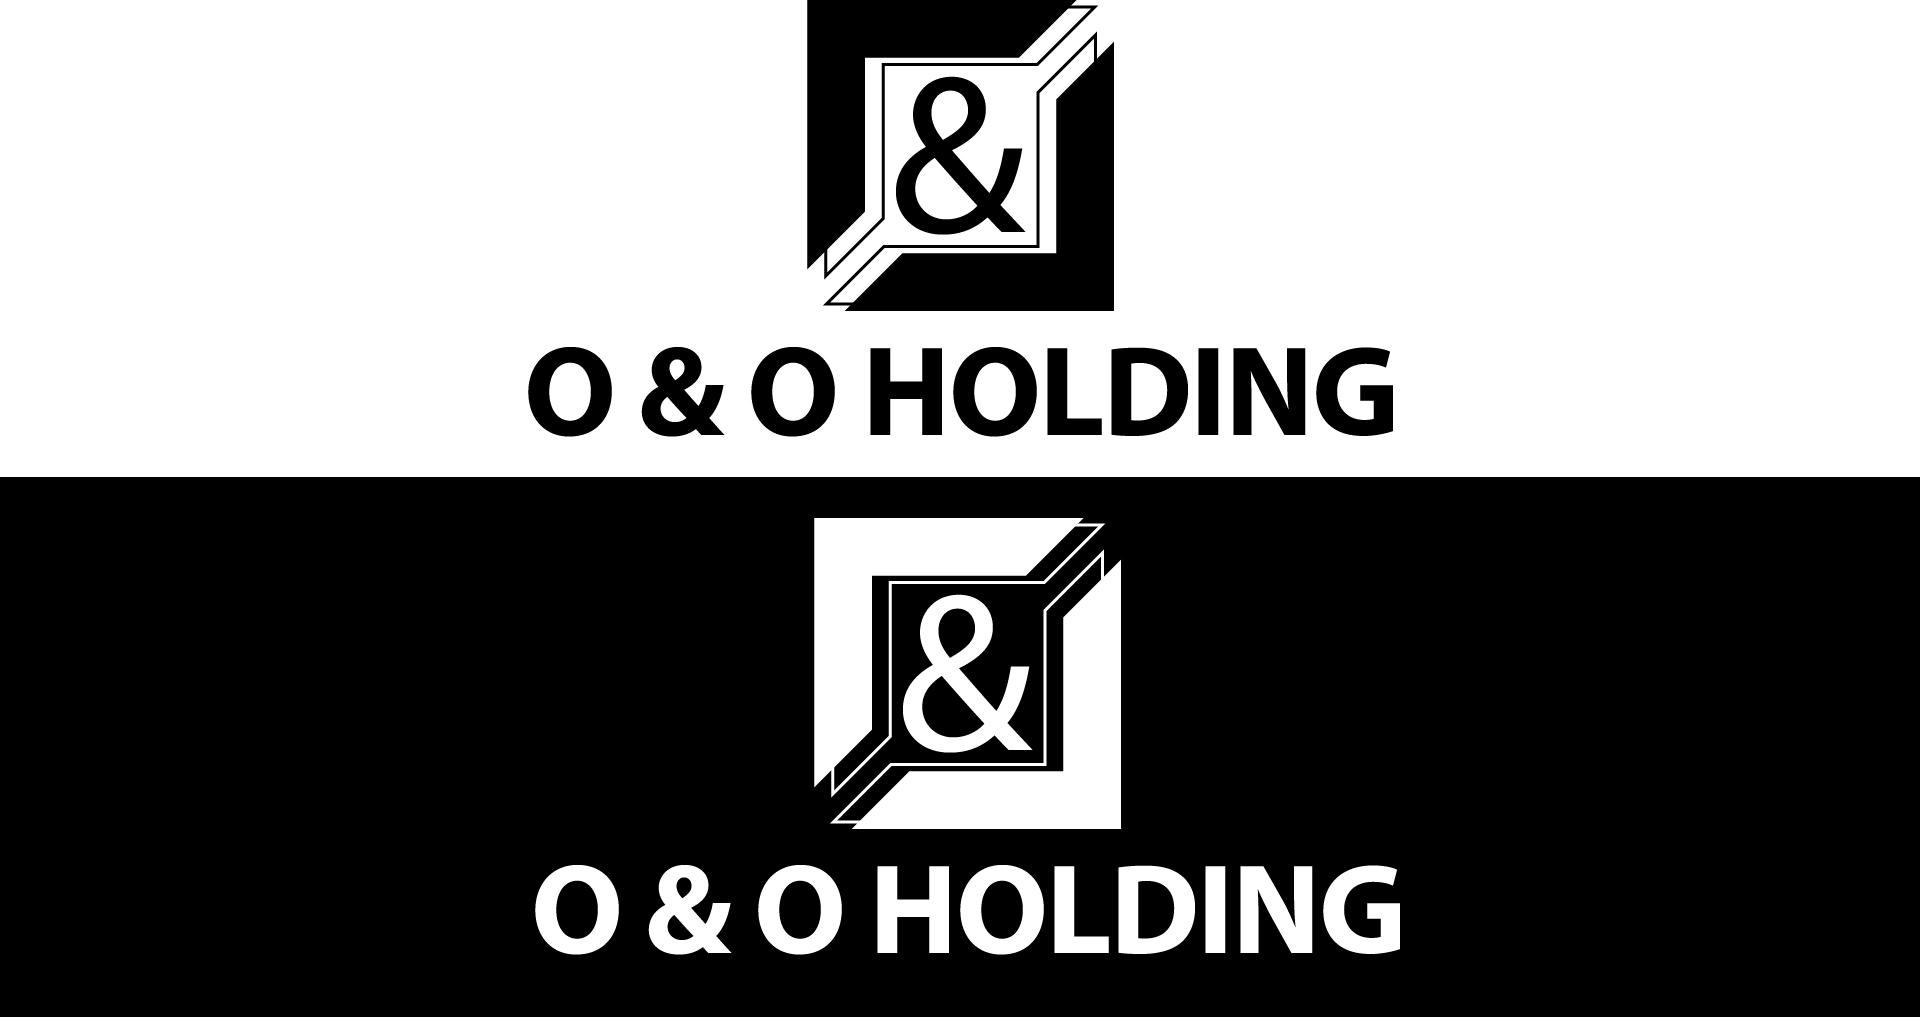 """Разработка Логотипа +  Фирменного знака для компании """"O & O HOLDING"""" фото f_3205c7ad901e208a.jpg"""